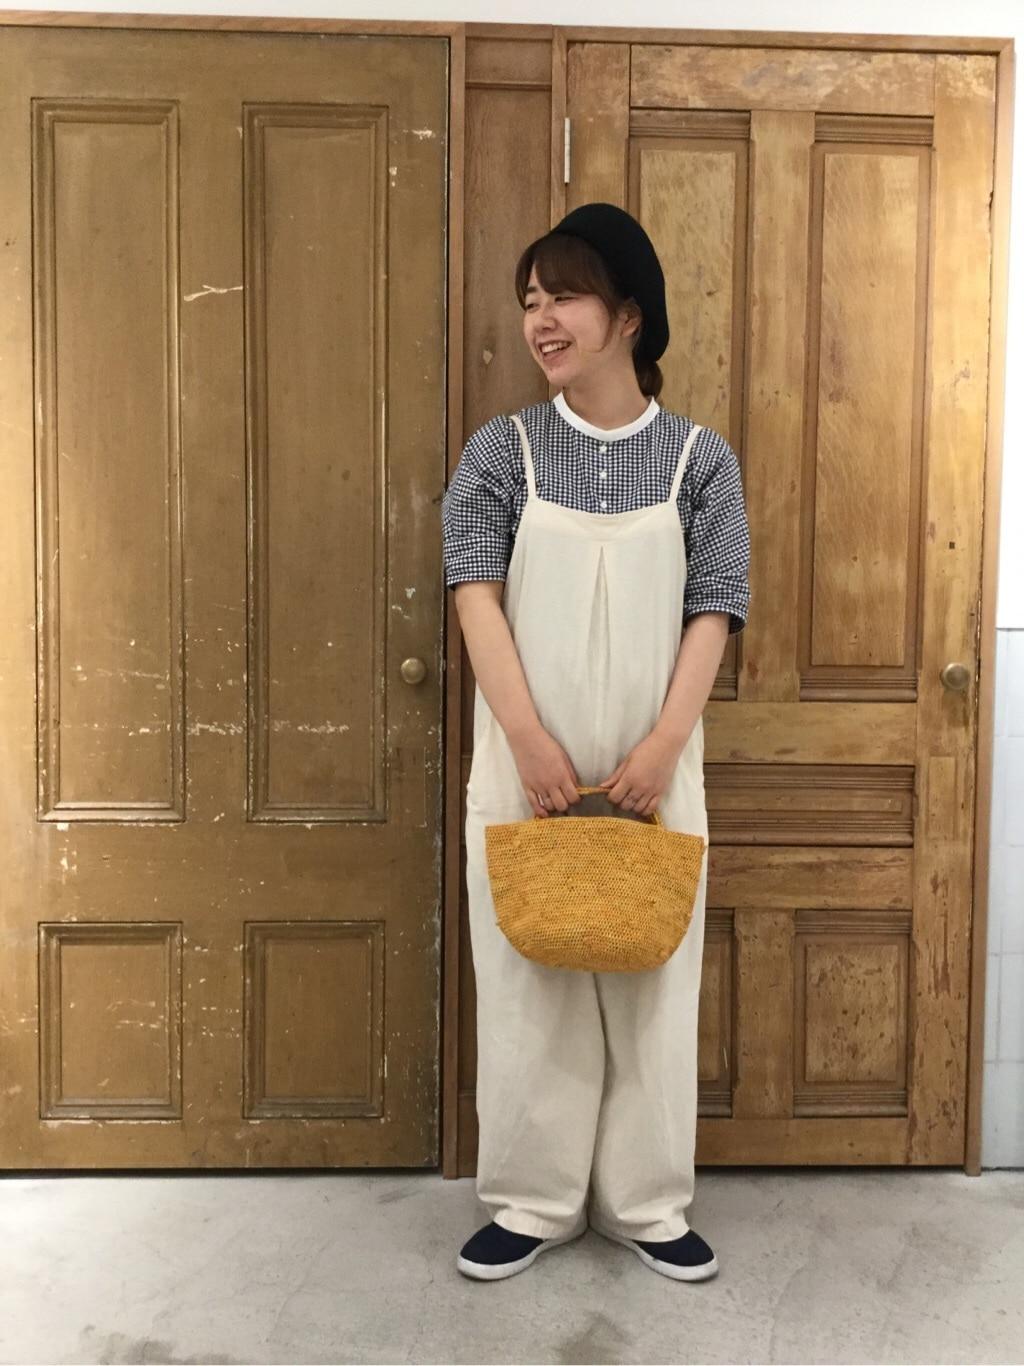 AMB SHOP PAR ICI FLAT AMB 名古屋栄路面 身長:163cm 2020.06.11